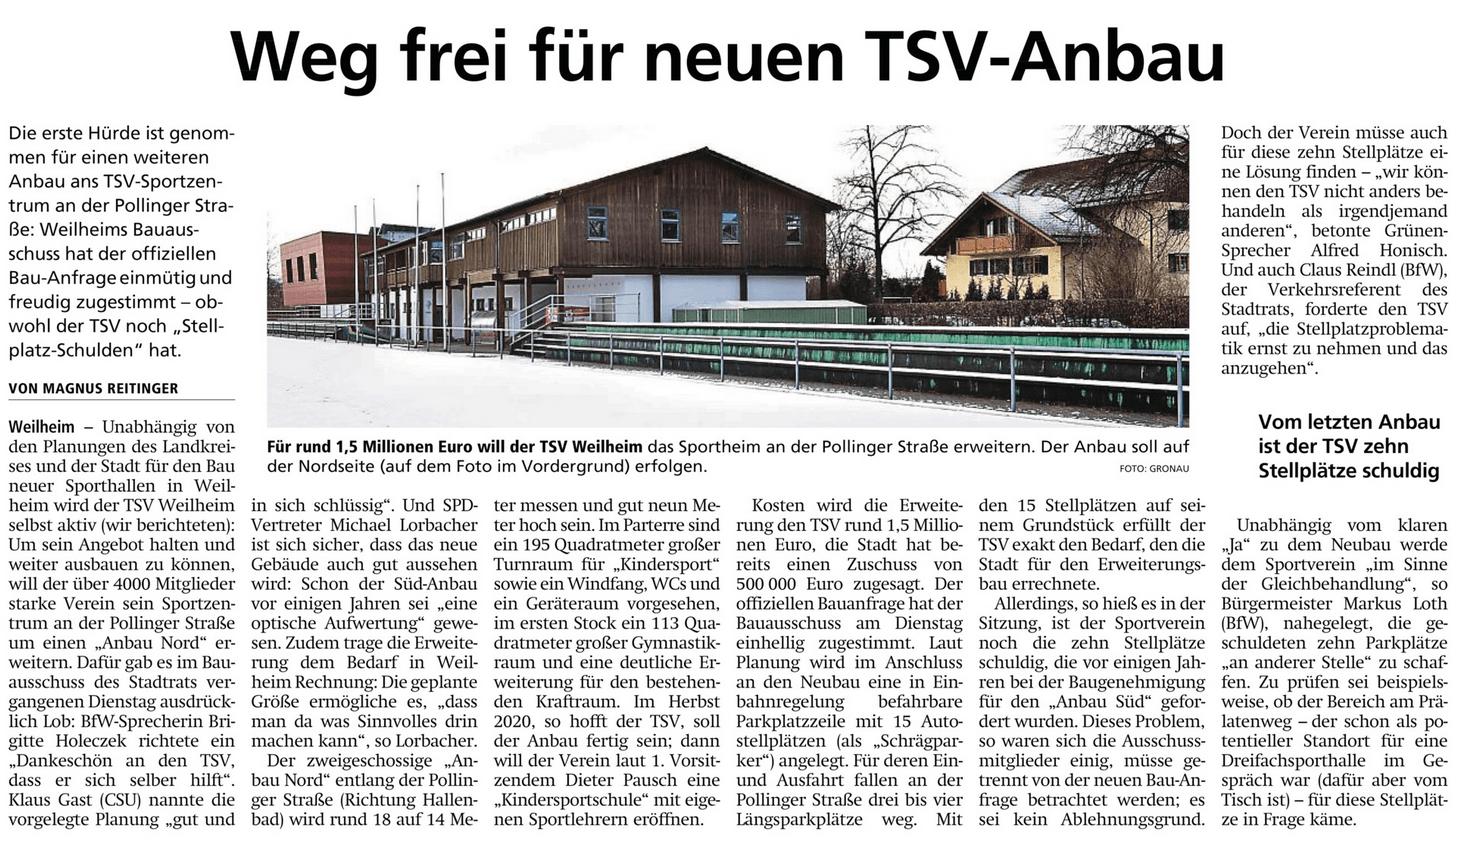 2019-01-19 WM Tagblatt